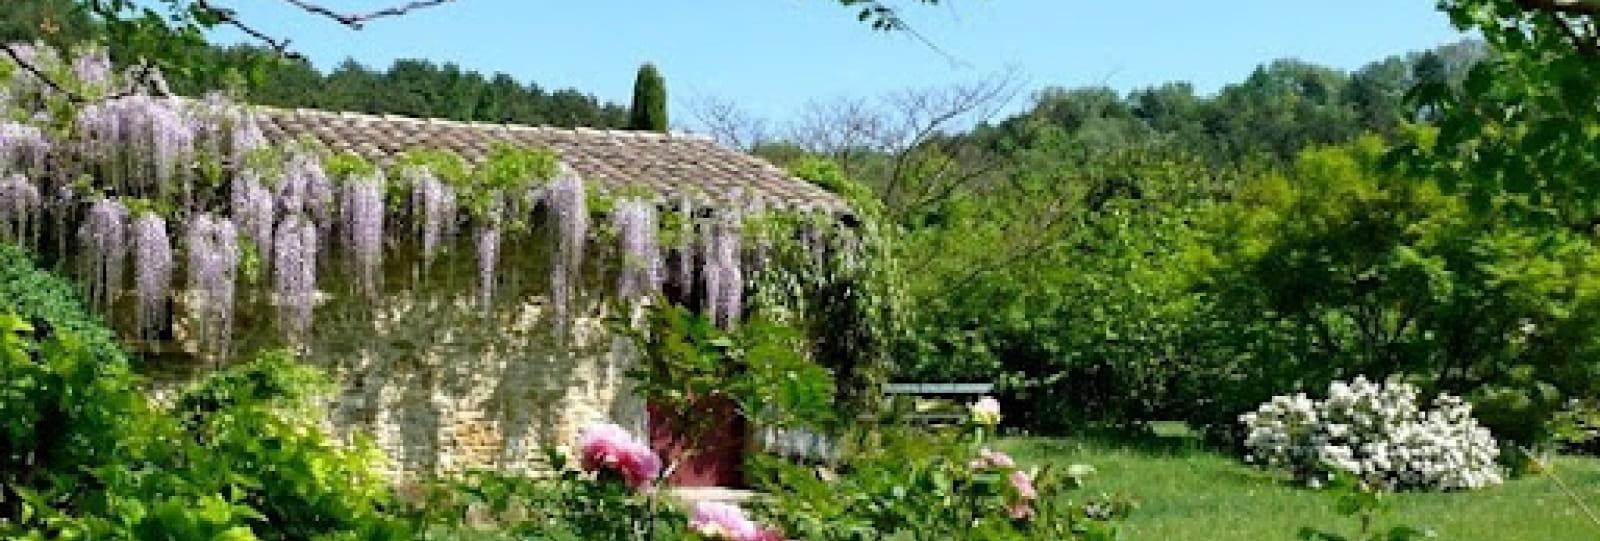 Jardin des Sables